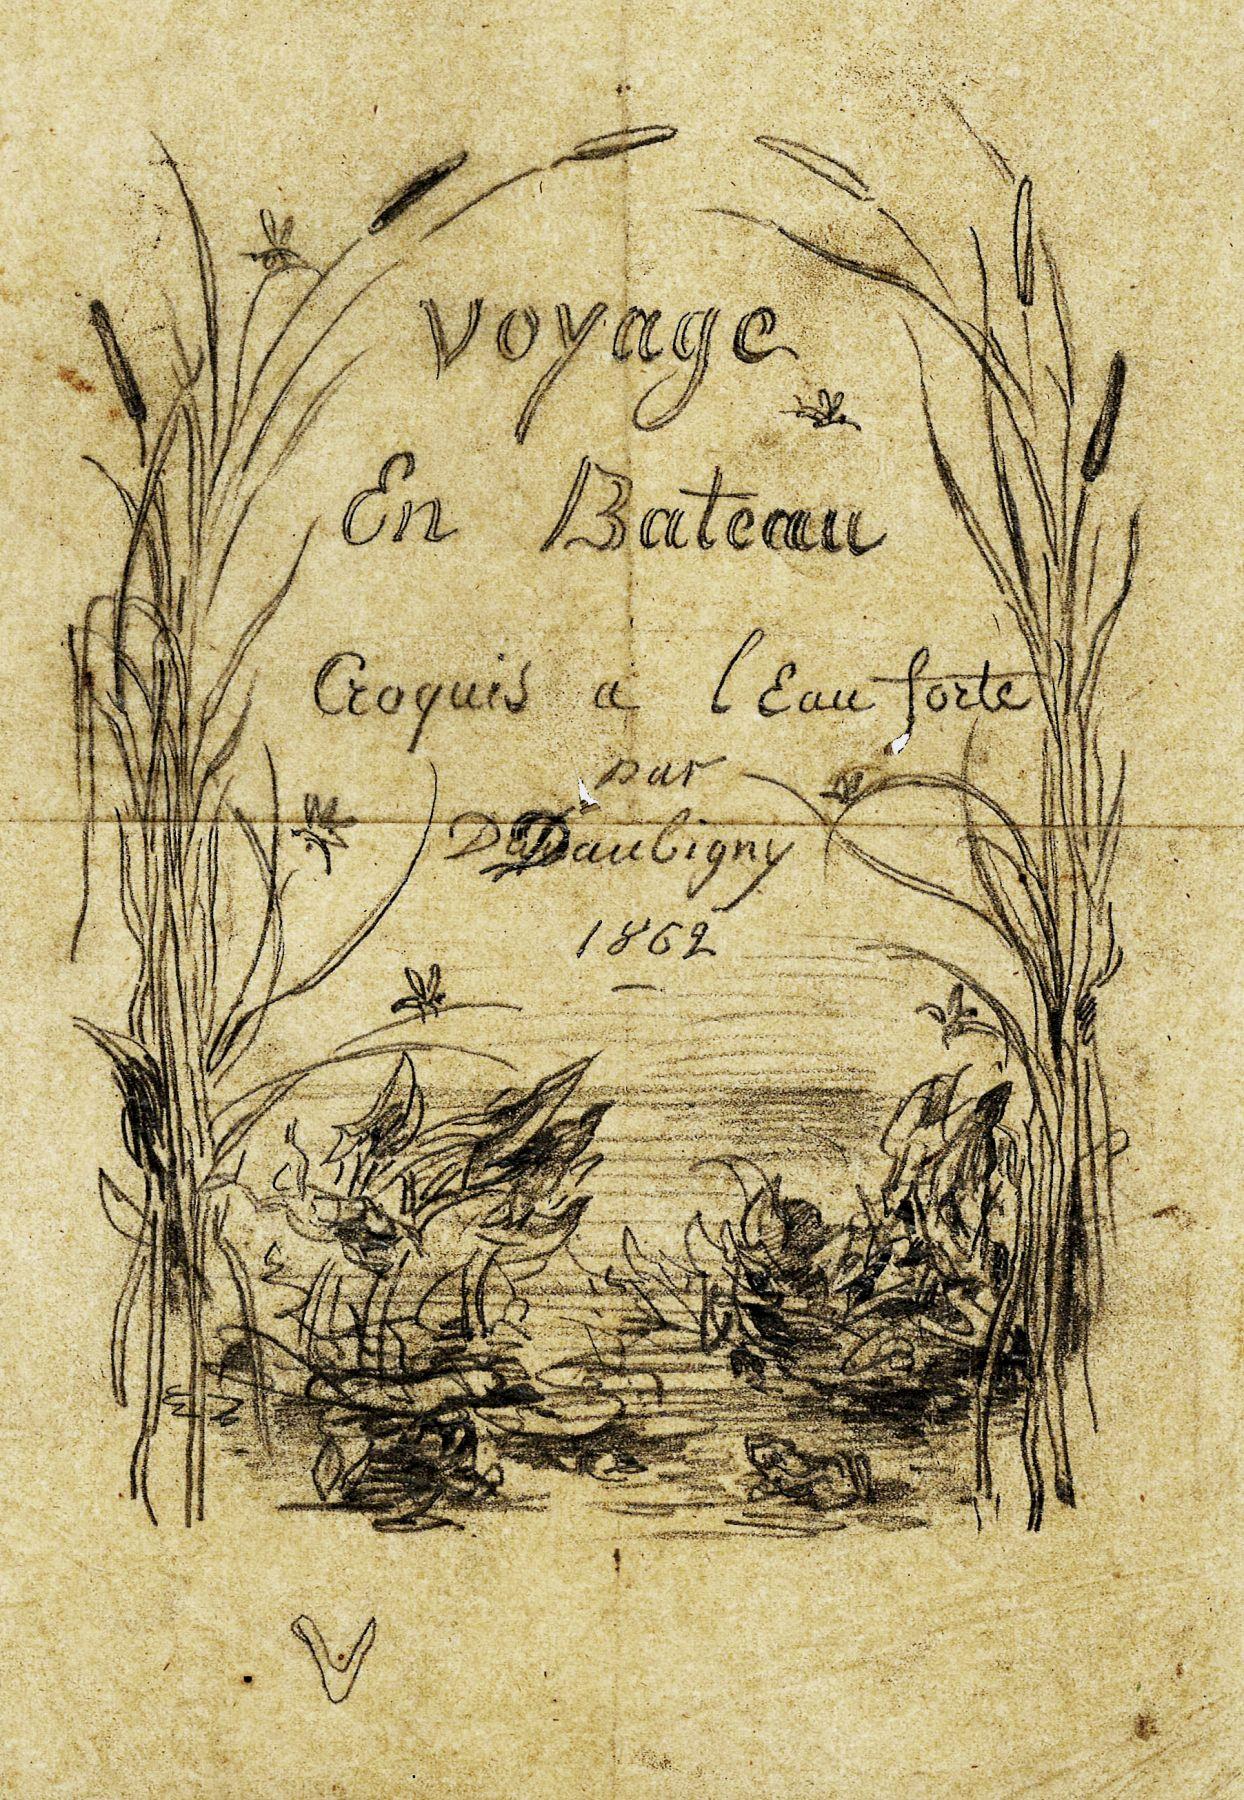 Charles F. Daubigny, Frontispice de l'album de voyage en bateau    Pencil on papier calque 8 3/4 x 6 1/4 inches